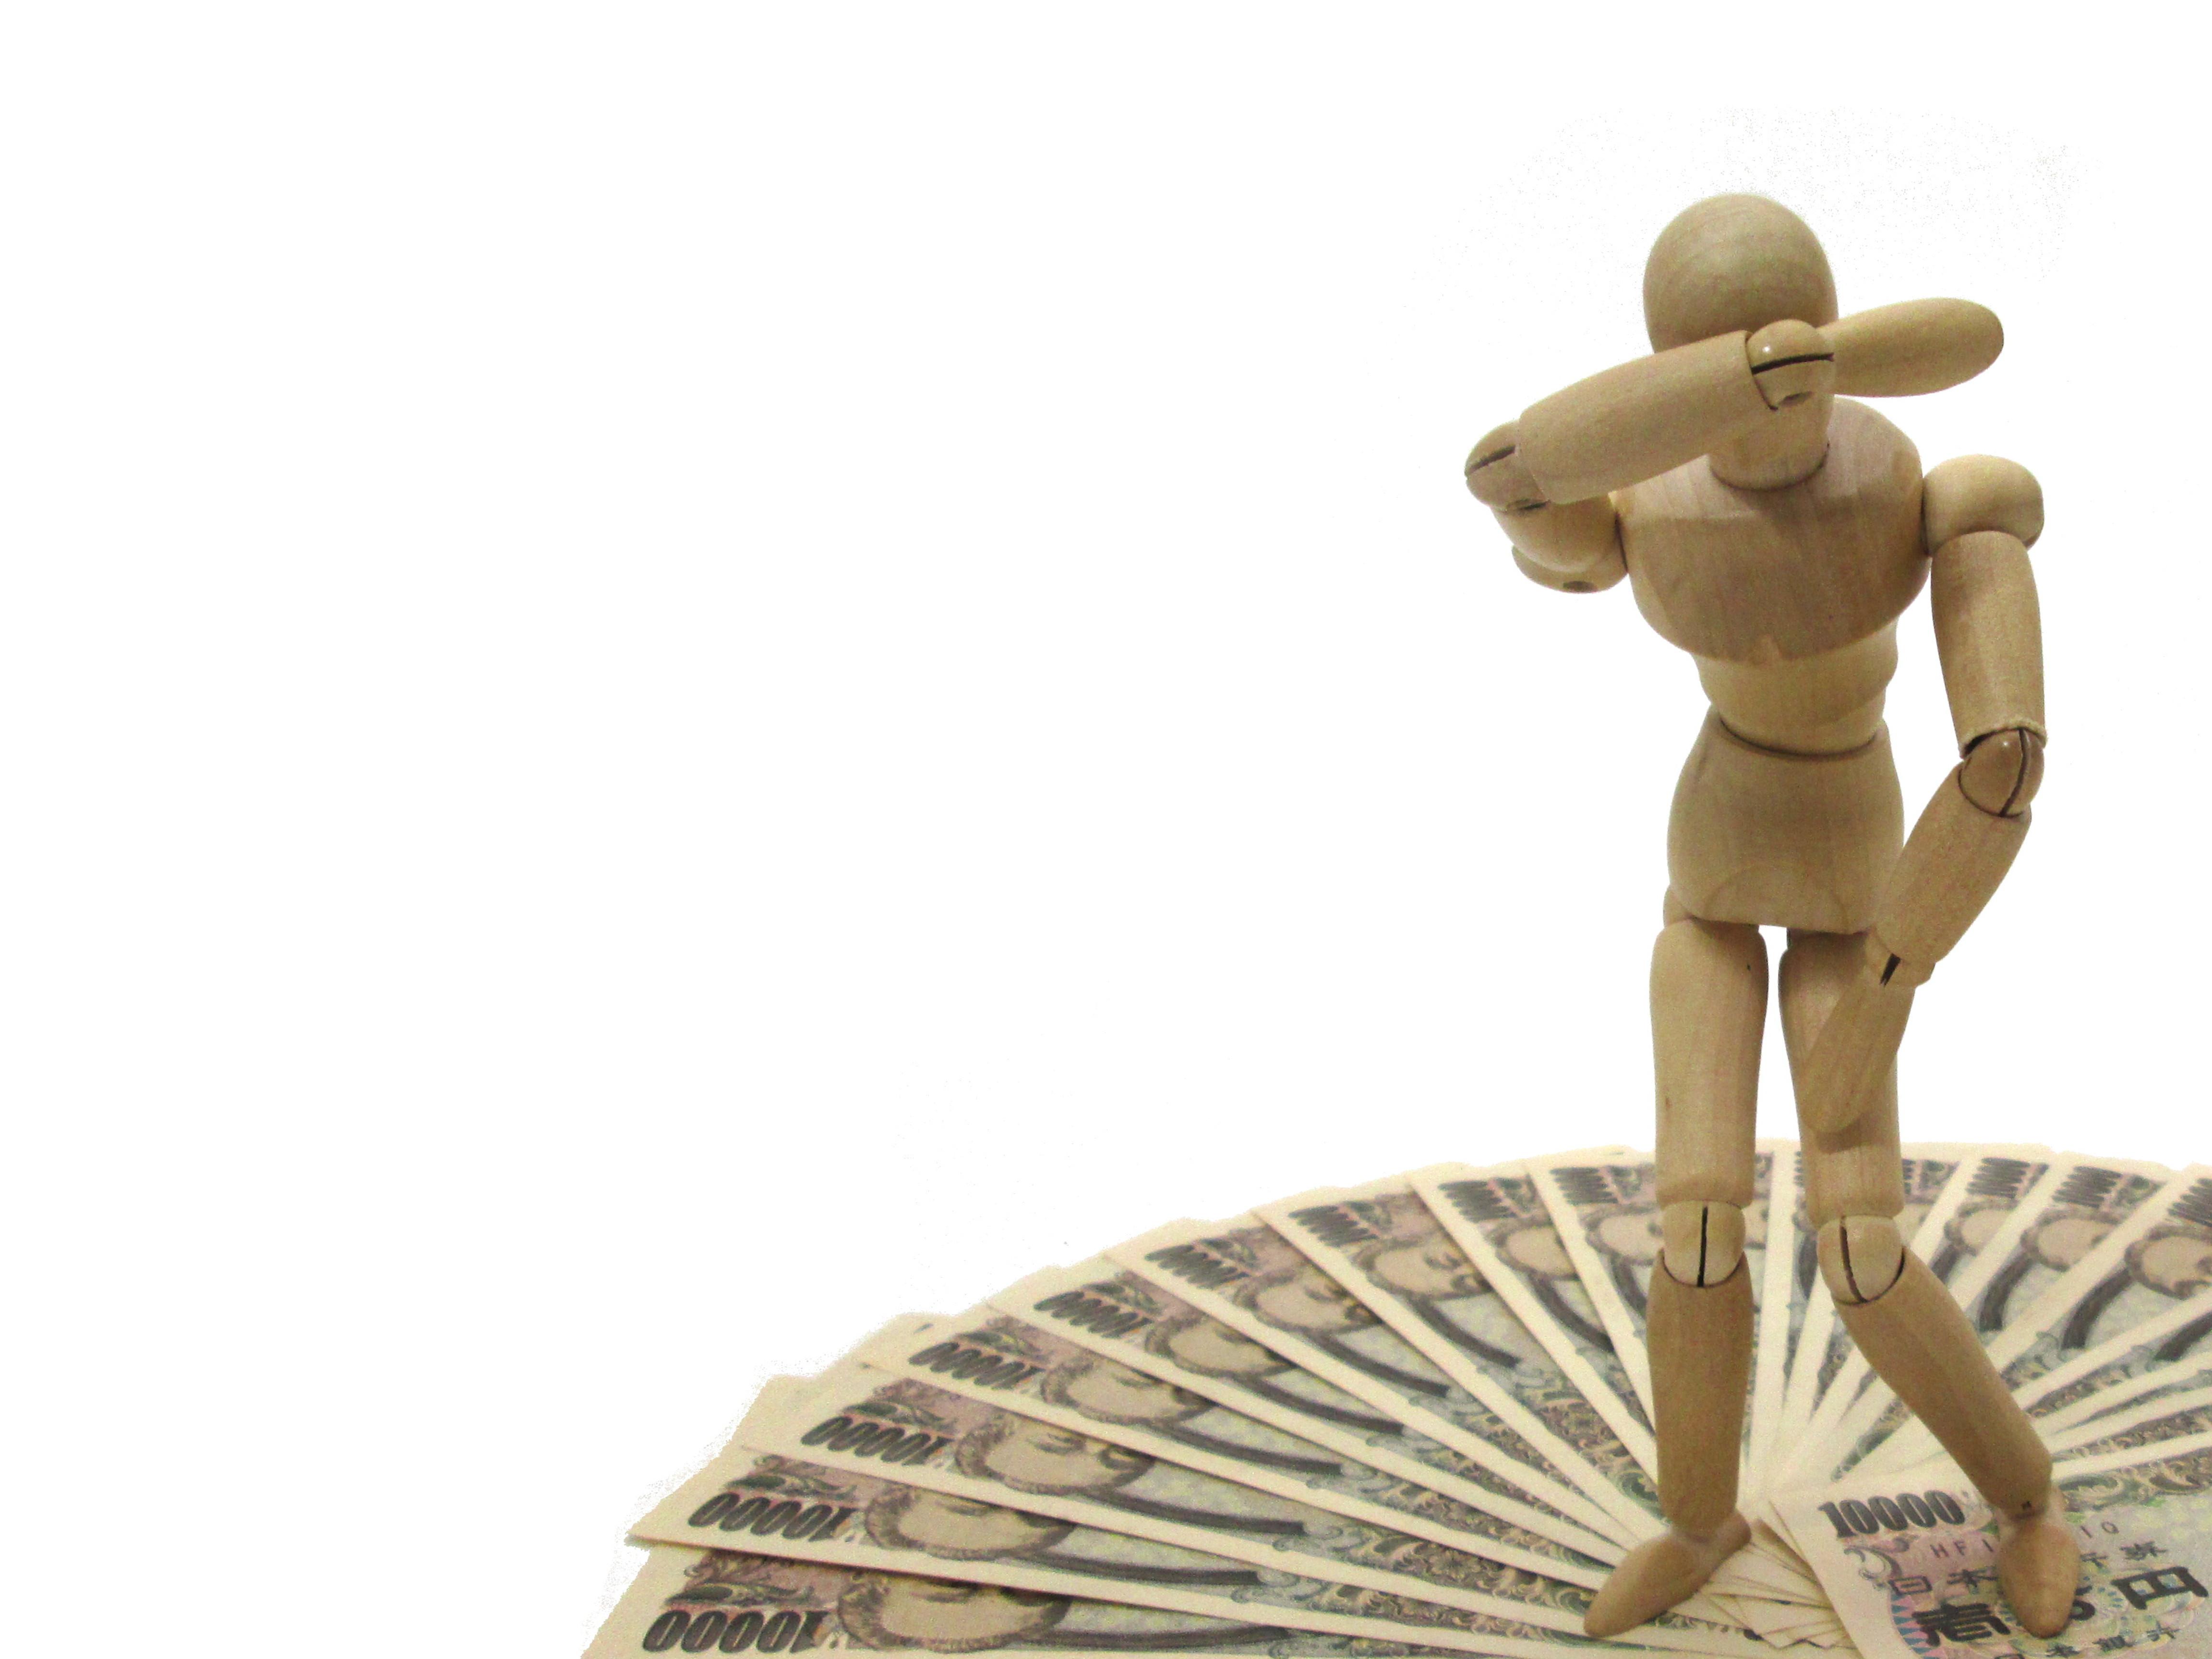 損をする代替年金と確定拠出年金との比較その4「終身保険」